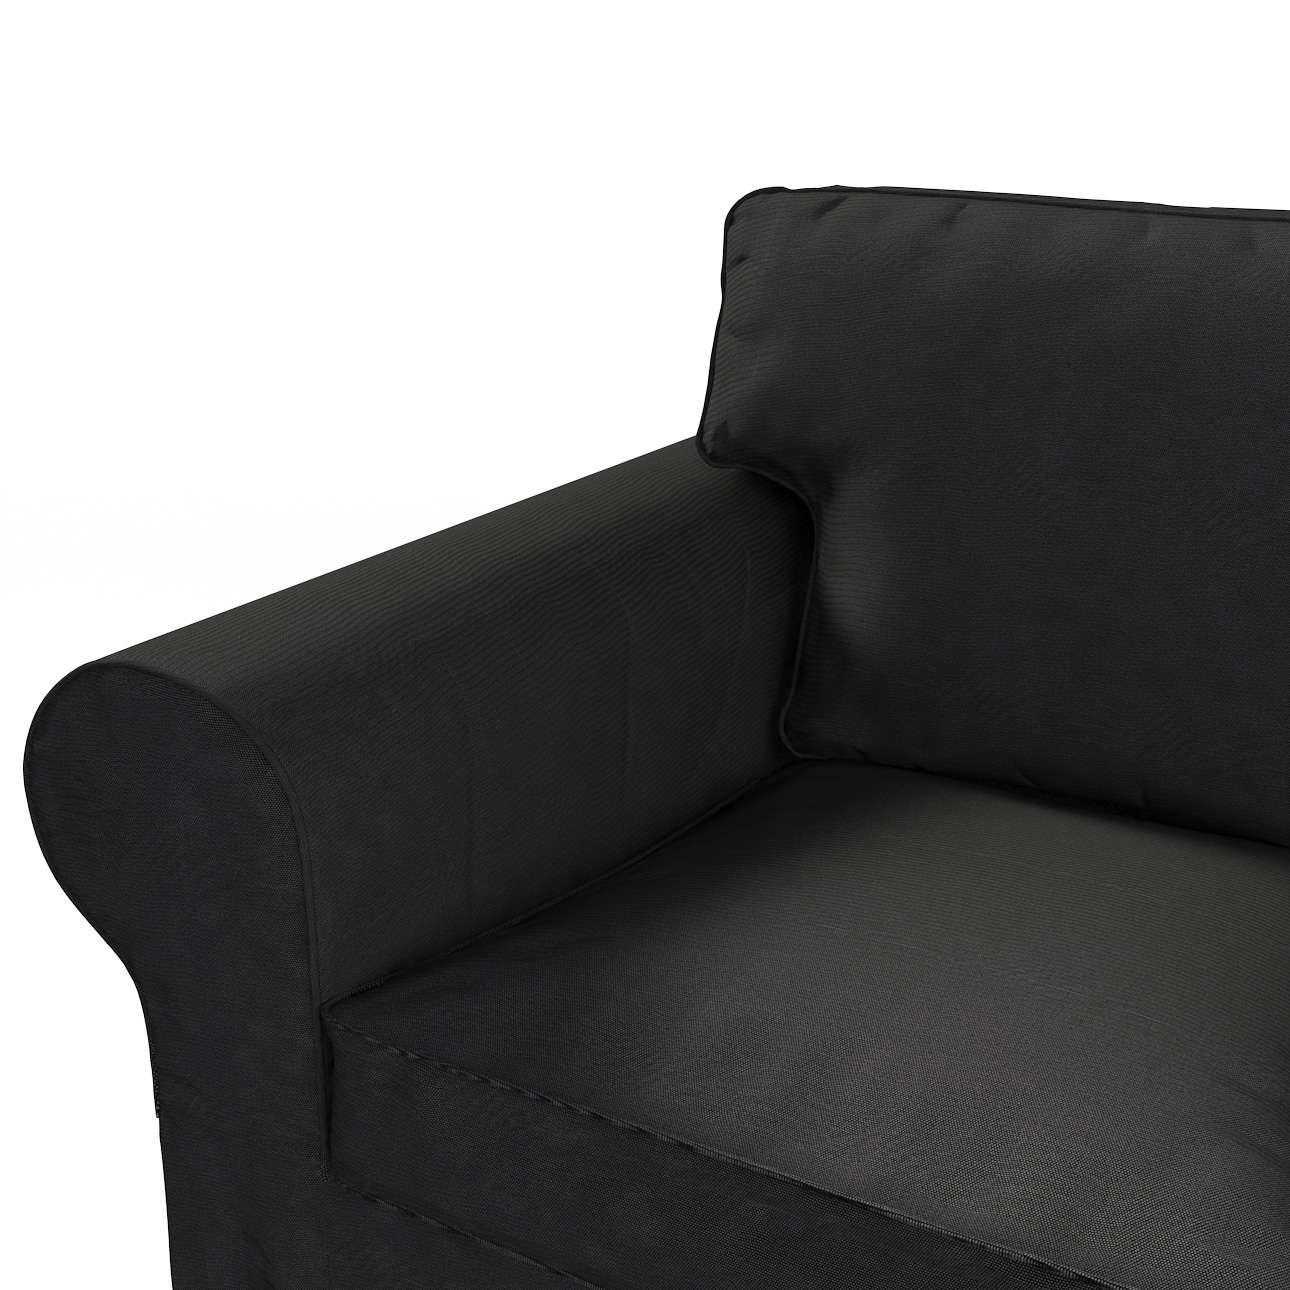 Bezug für Ektorp 3-Sitzer Sofa nicht ausklappbar von der Kollektion Etna, Stoff: 705-00